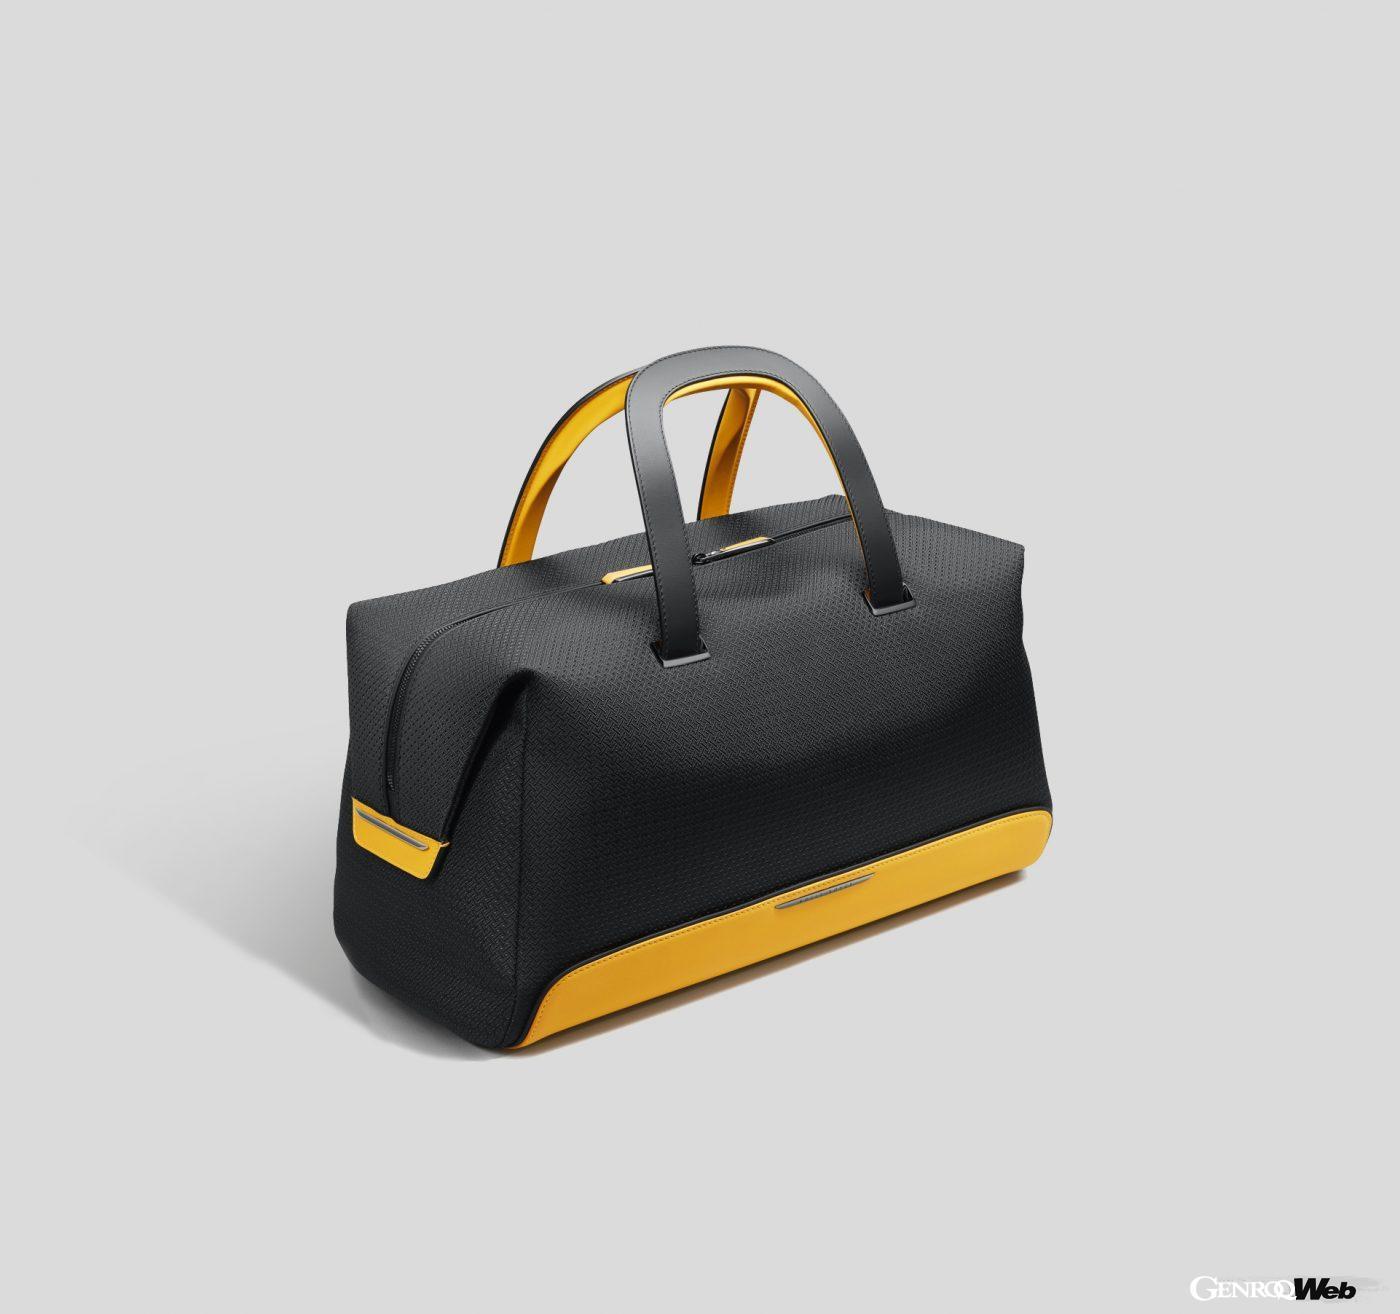 「ロールス・ロイスを「持ち歩く」! 新作バッグコレクションに見るラグジュアリーの新しい姿」の6枚目の画像